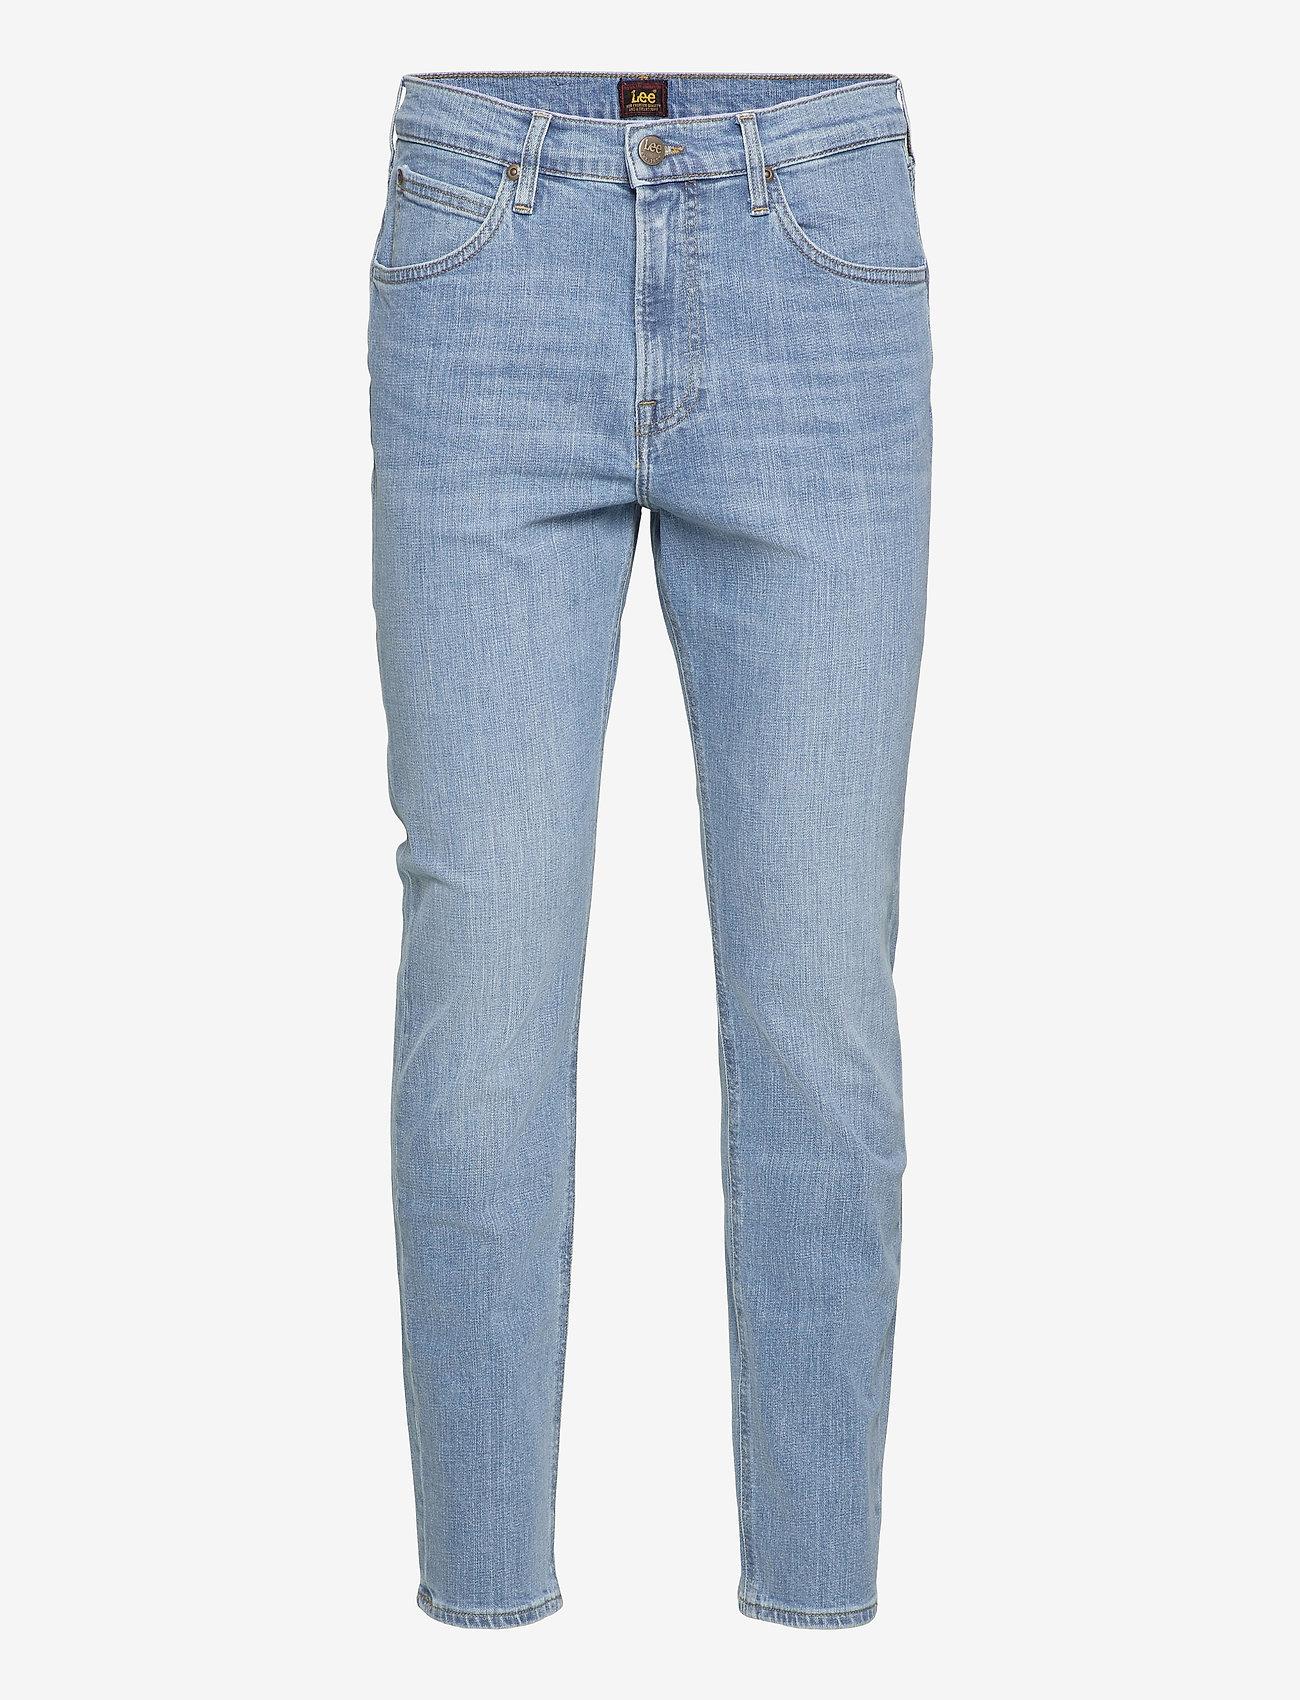 Lee Jeans - AUSTIN - regular jeans - light bluegrass - 0